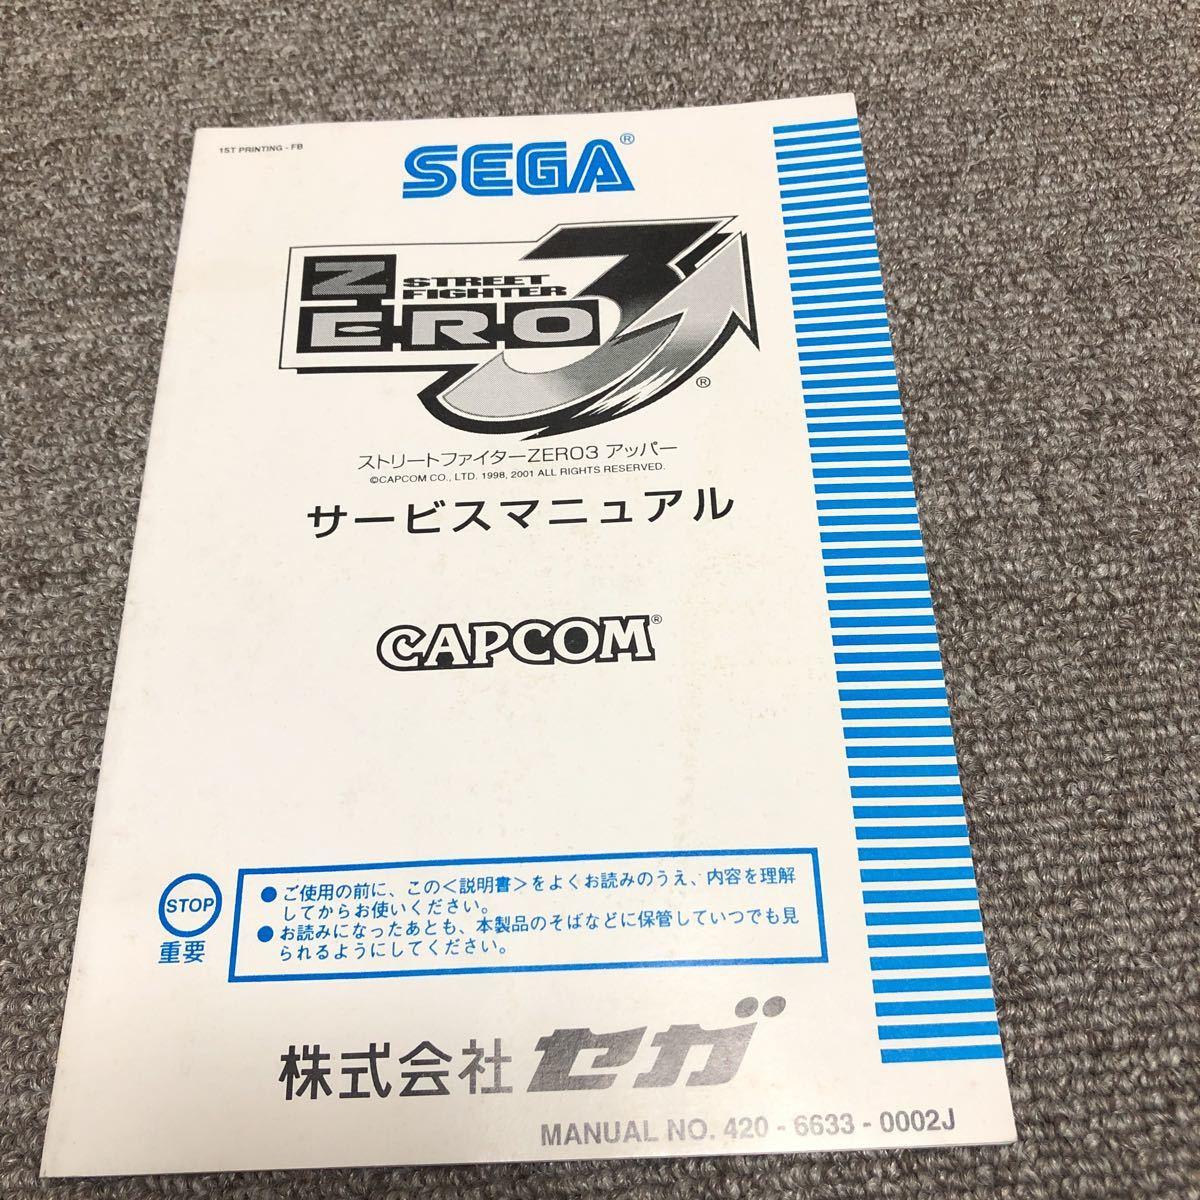 カプコン ストリートファイターZERO3 アッパー 取説 取扱説明書